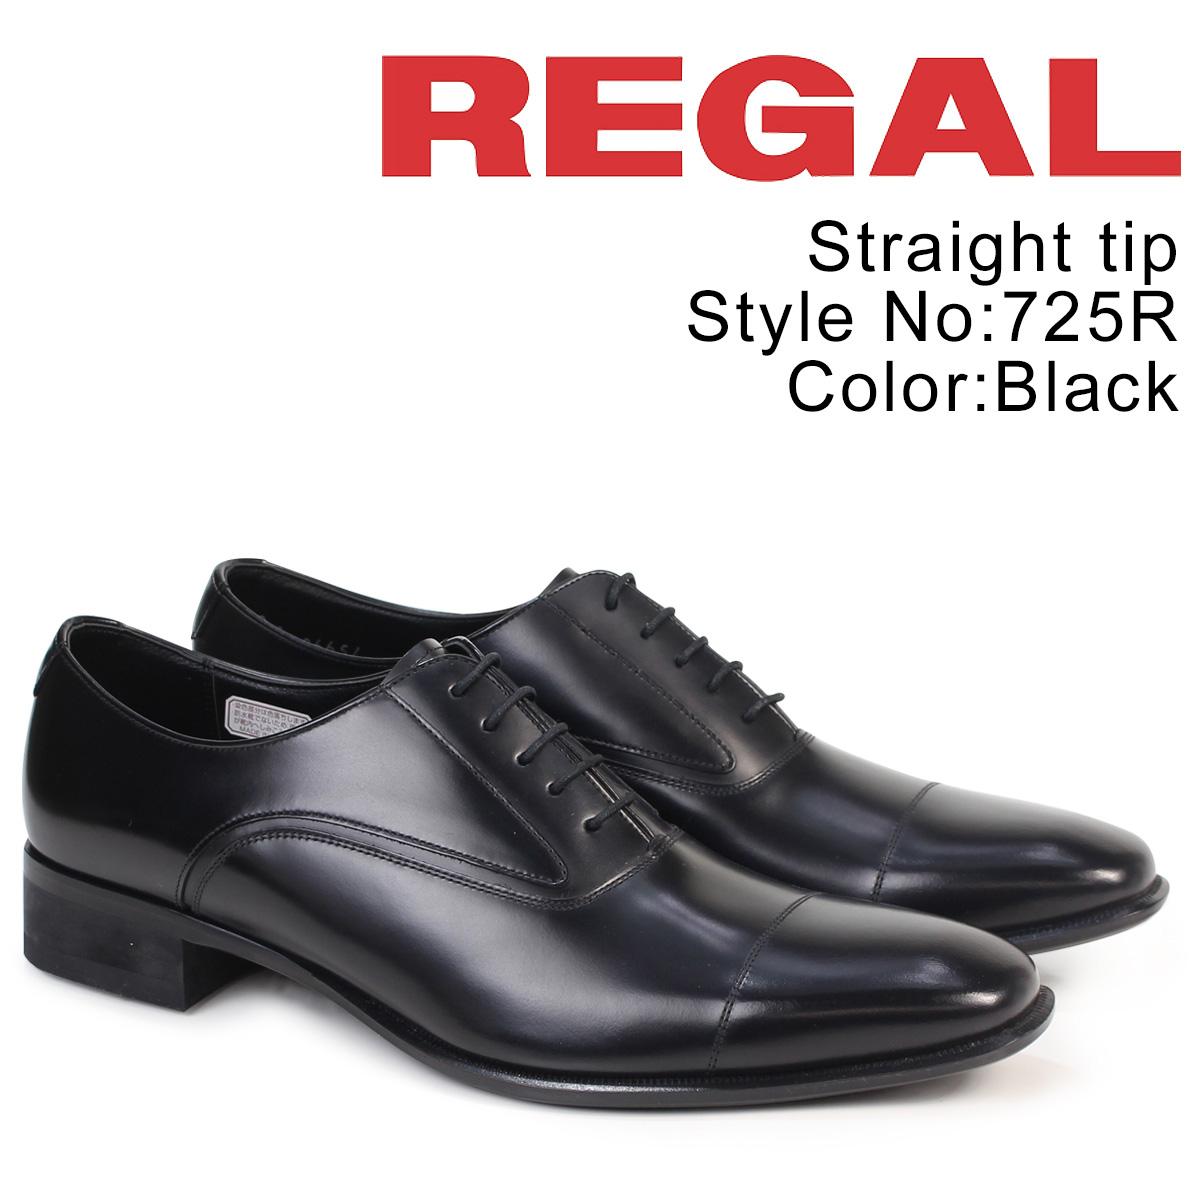 REGAL 靴 メンズ リーガル ストレートチップ 725RAL ビジネスシューズ 日本製 ブラック [9/12 追加入荷]